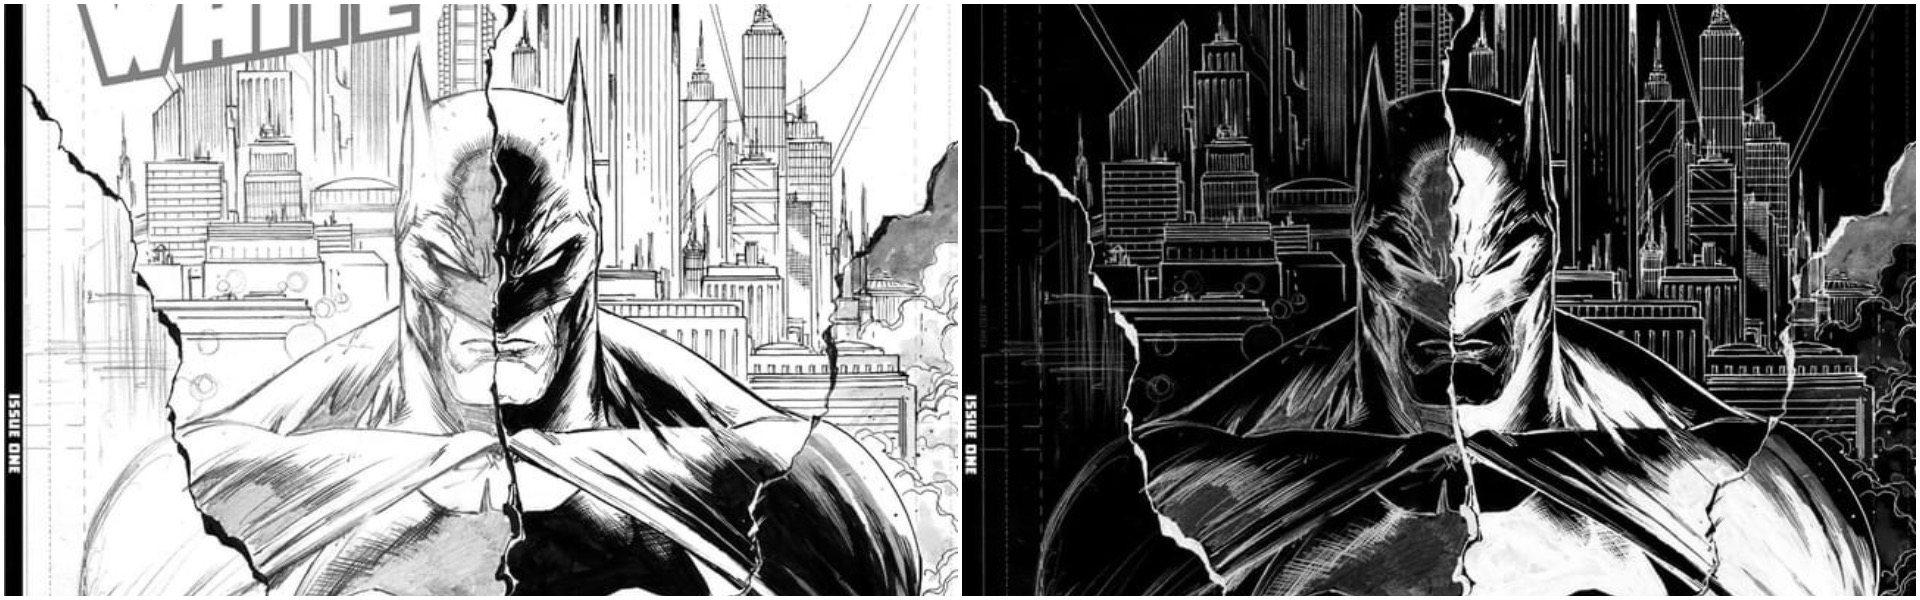 Batman Black and White #1 Tyler Kirkham Variants